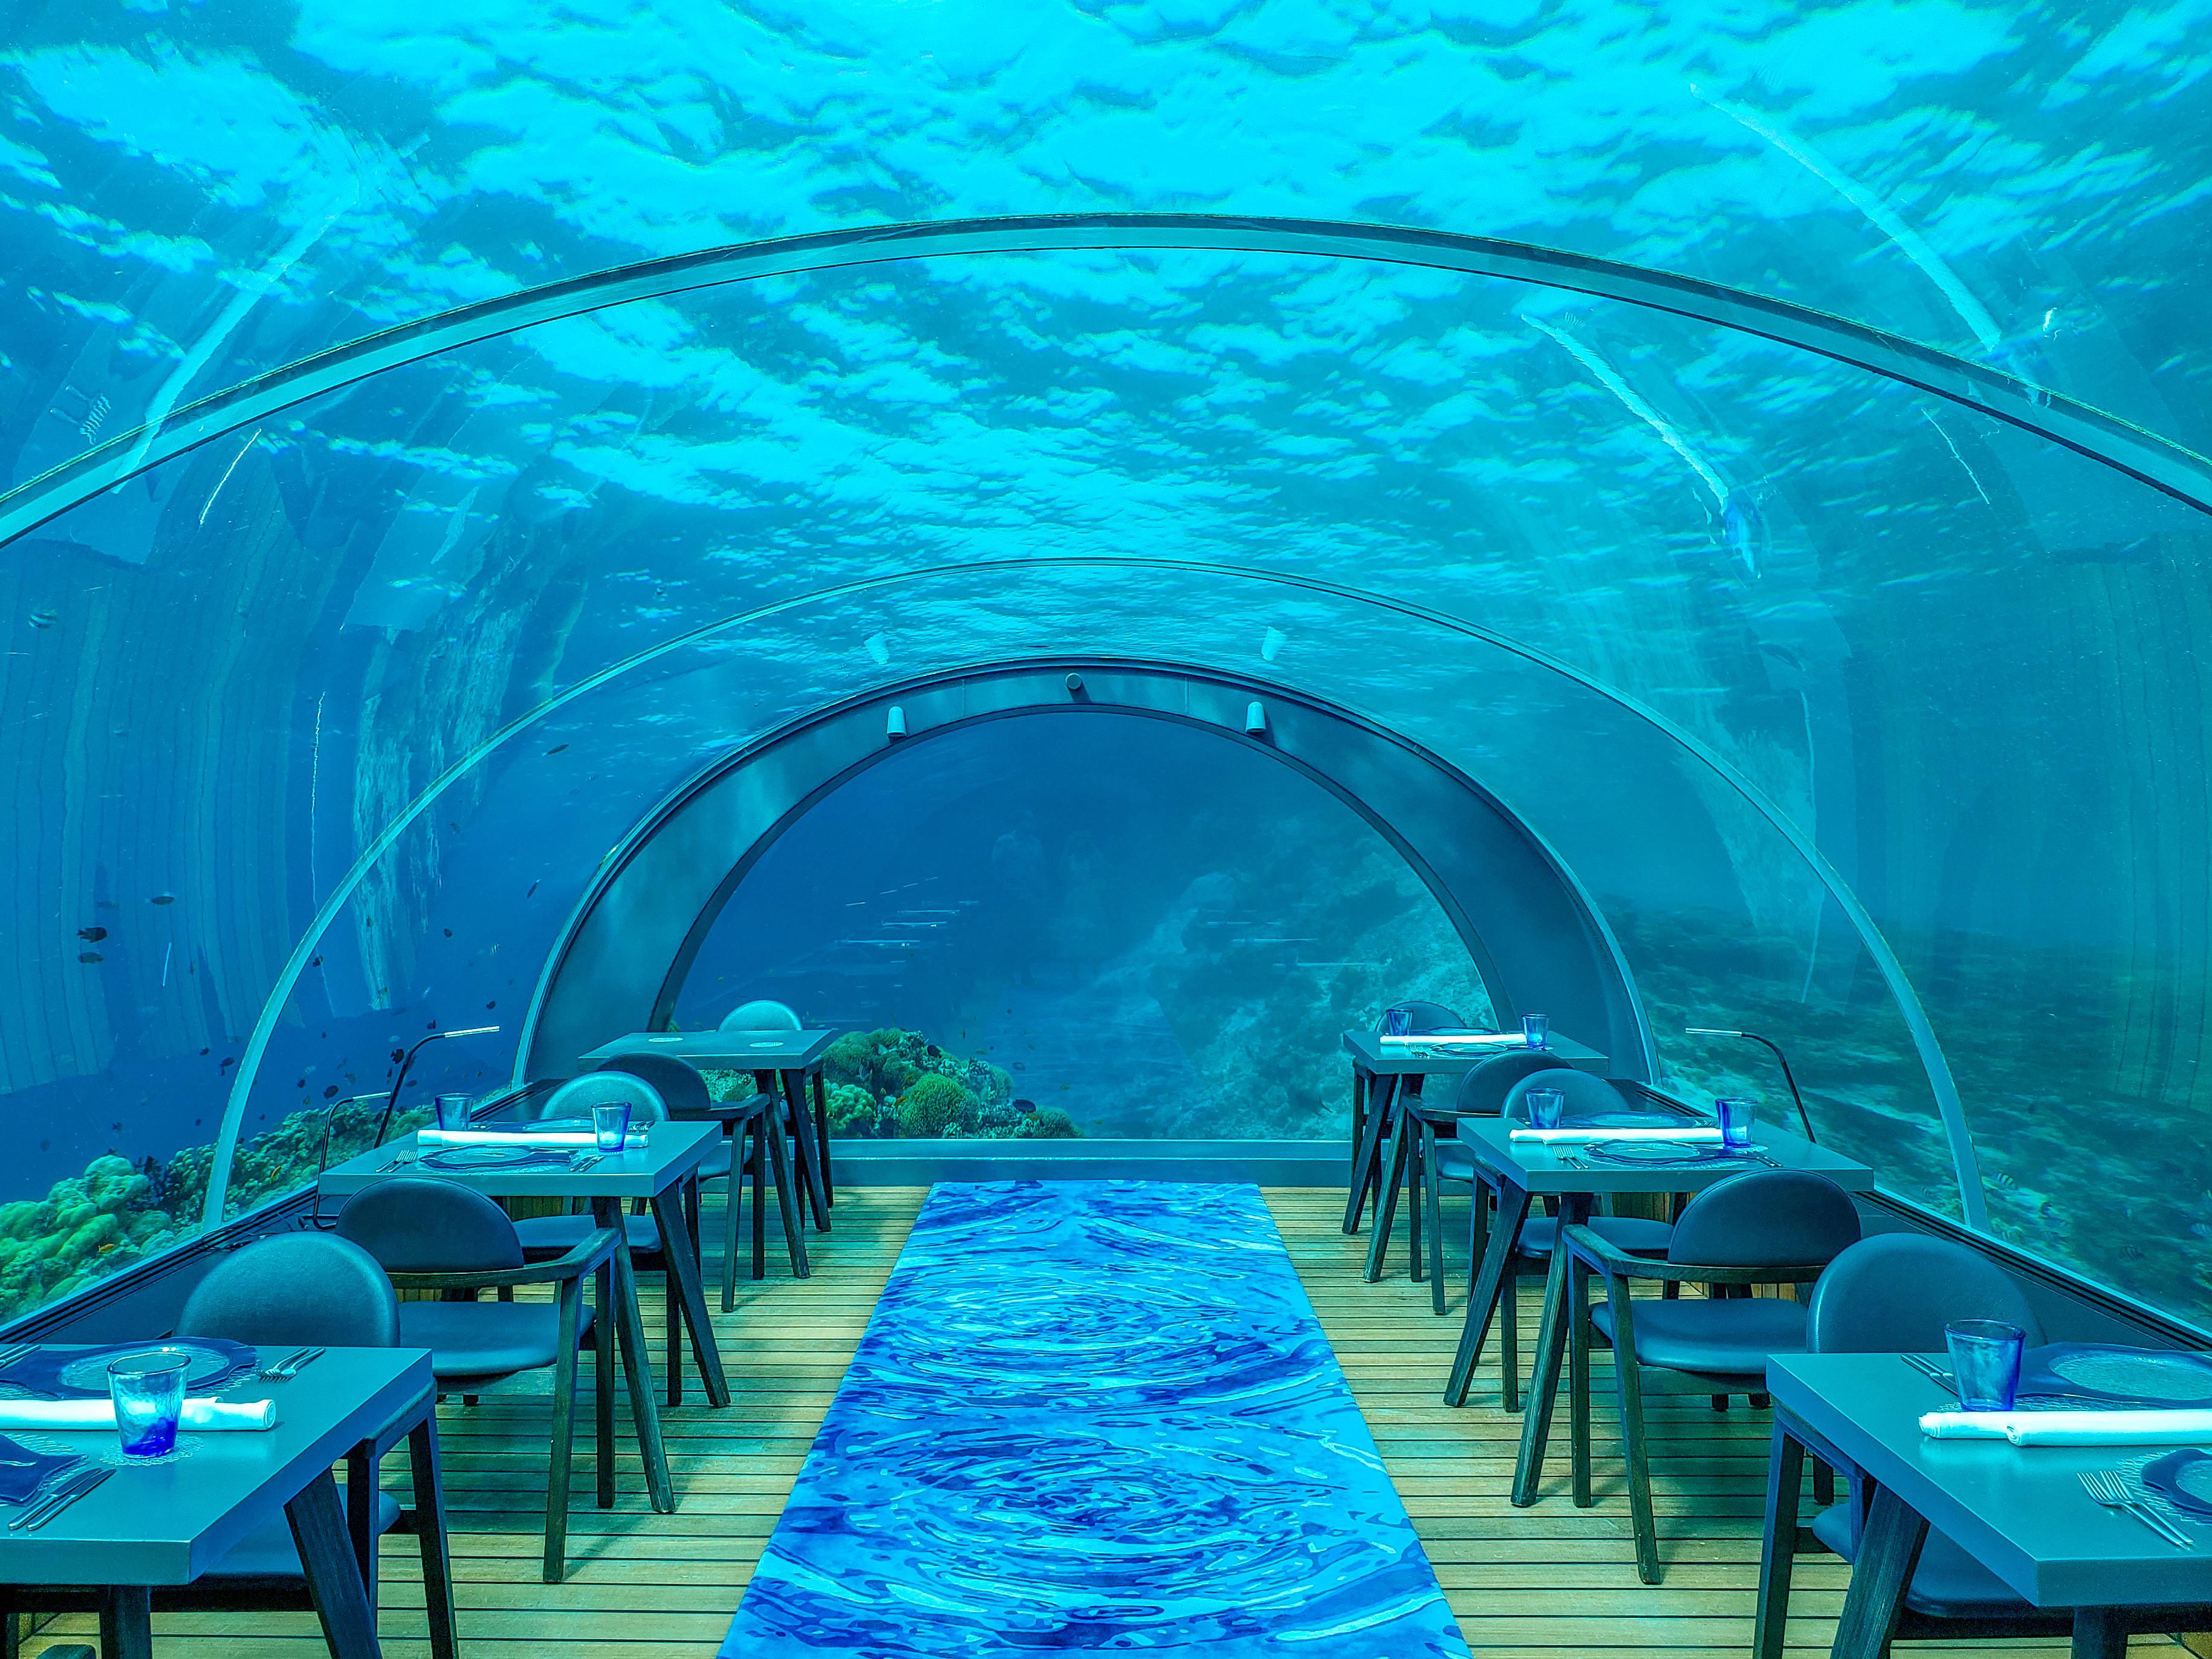 Table arrangement under water aquarium